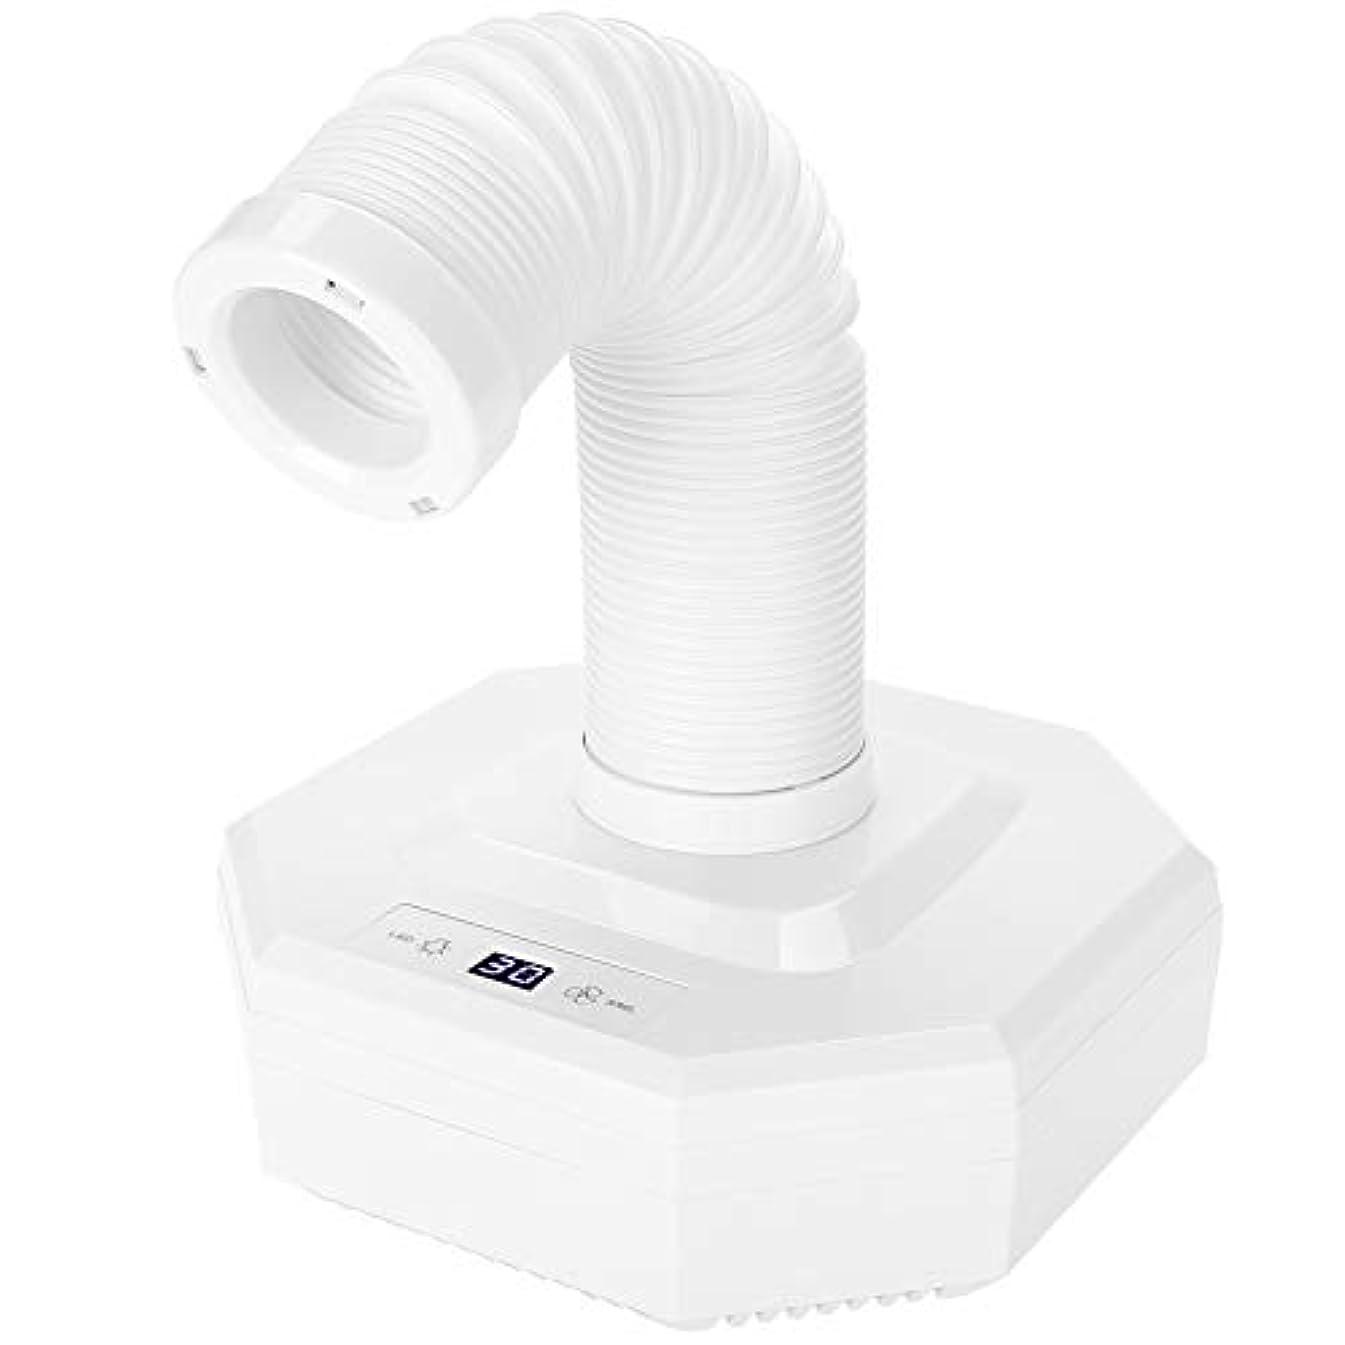 登録するしなければならない均等にネイル集塵機、60ワット強力なパワーマニキュア吸引掃除機用サロンuvジェルアクリルアートペディキュアツール(白)